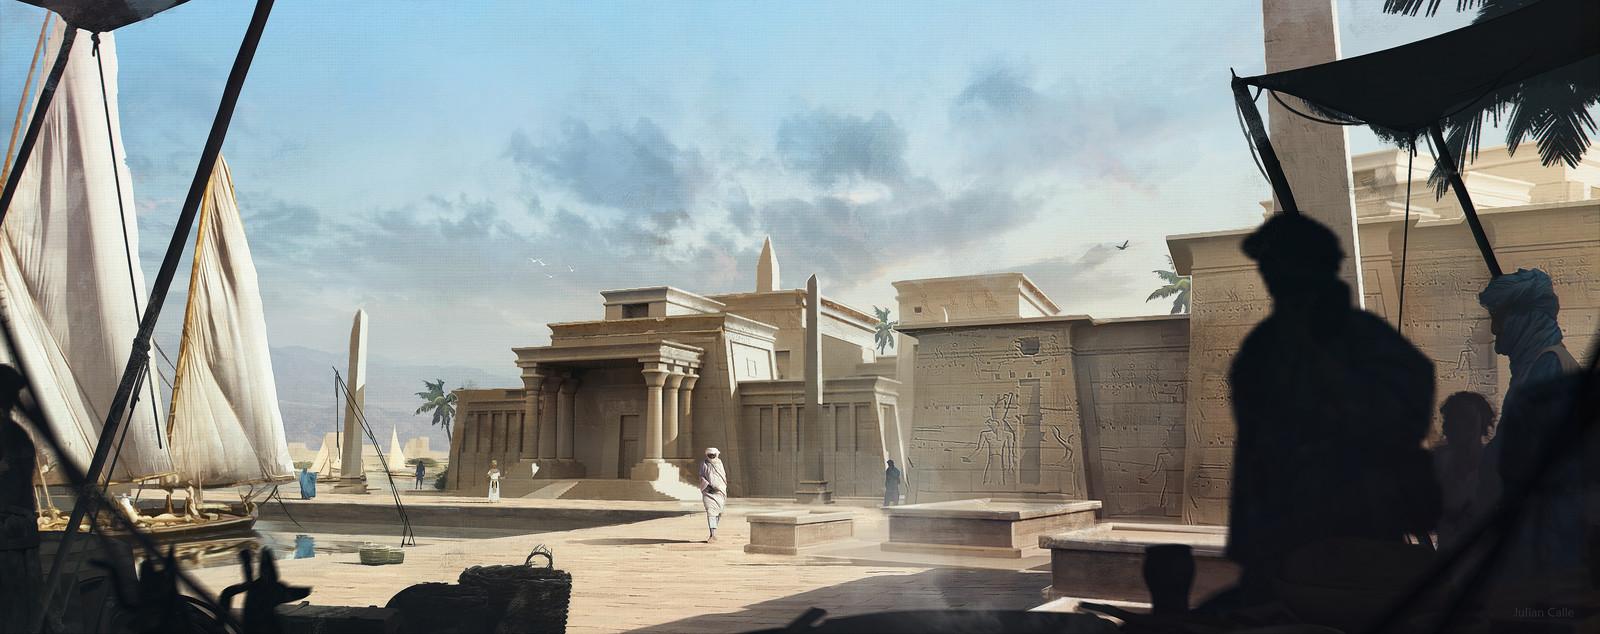 Egypt practice # 1